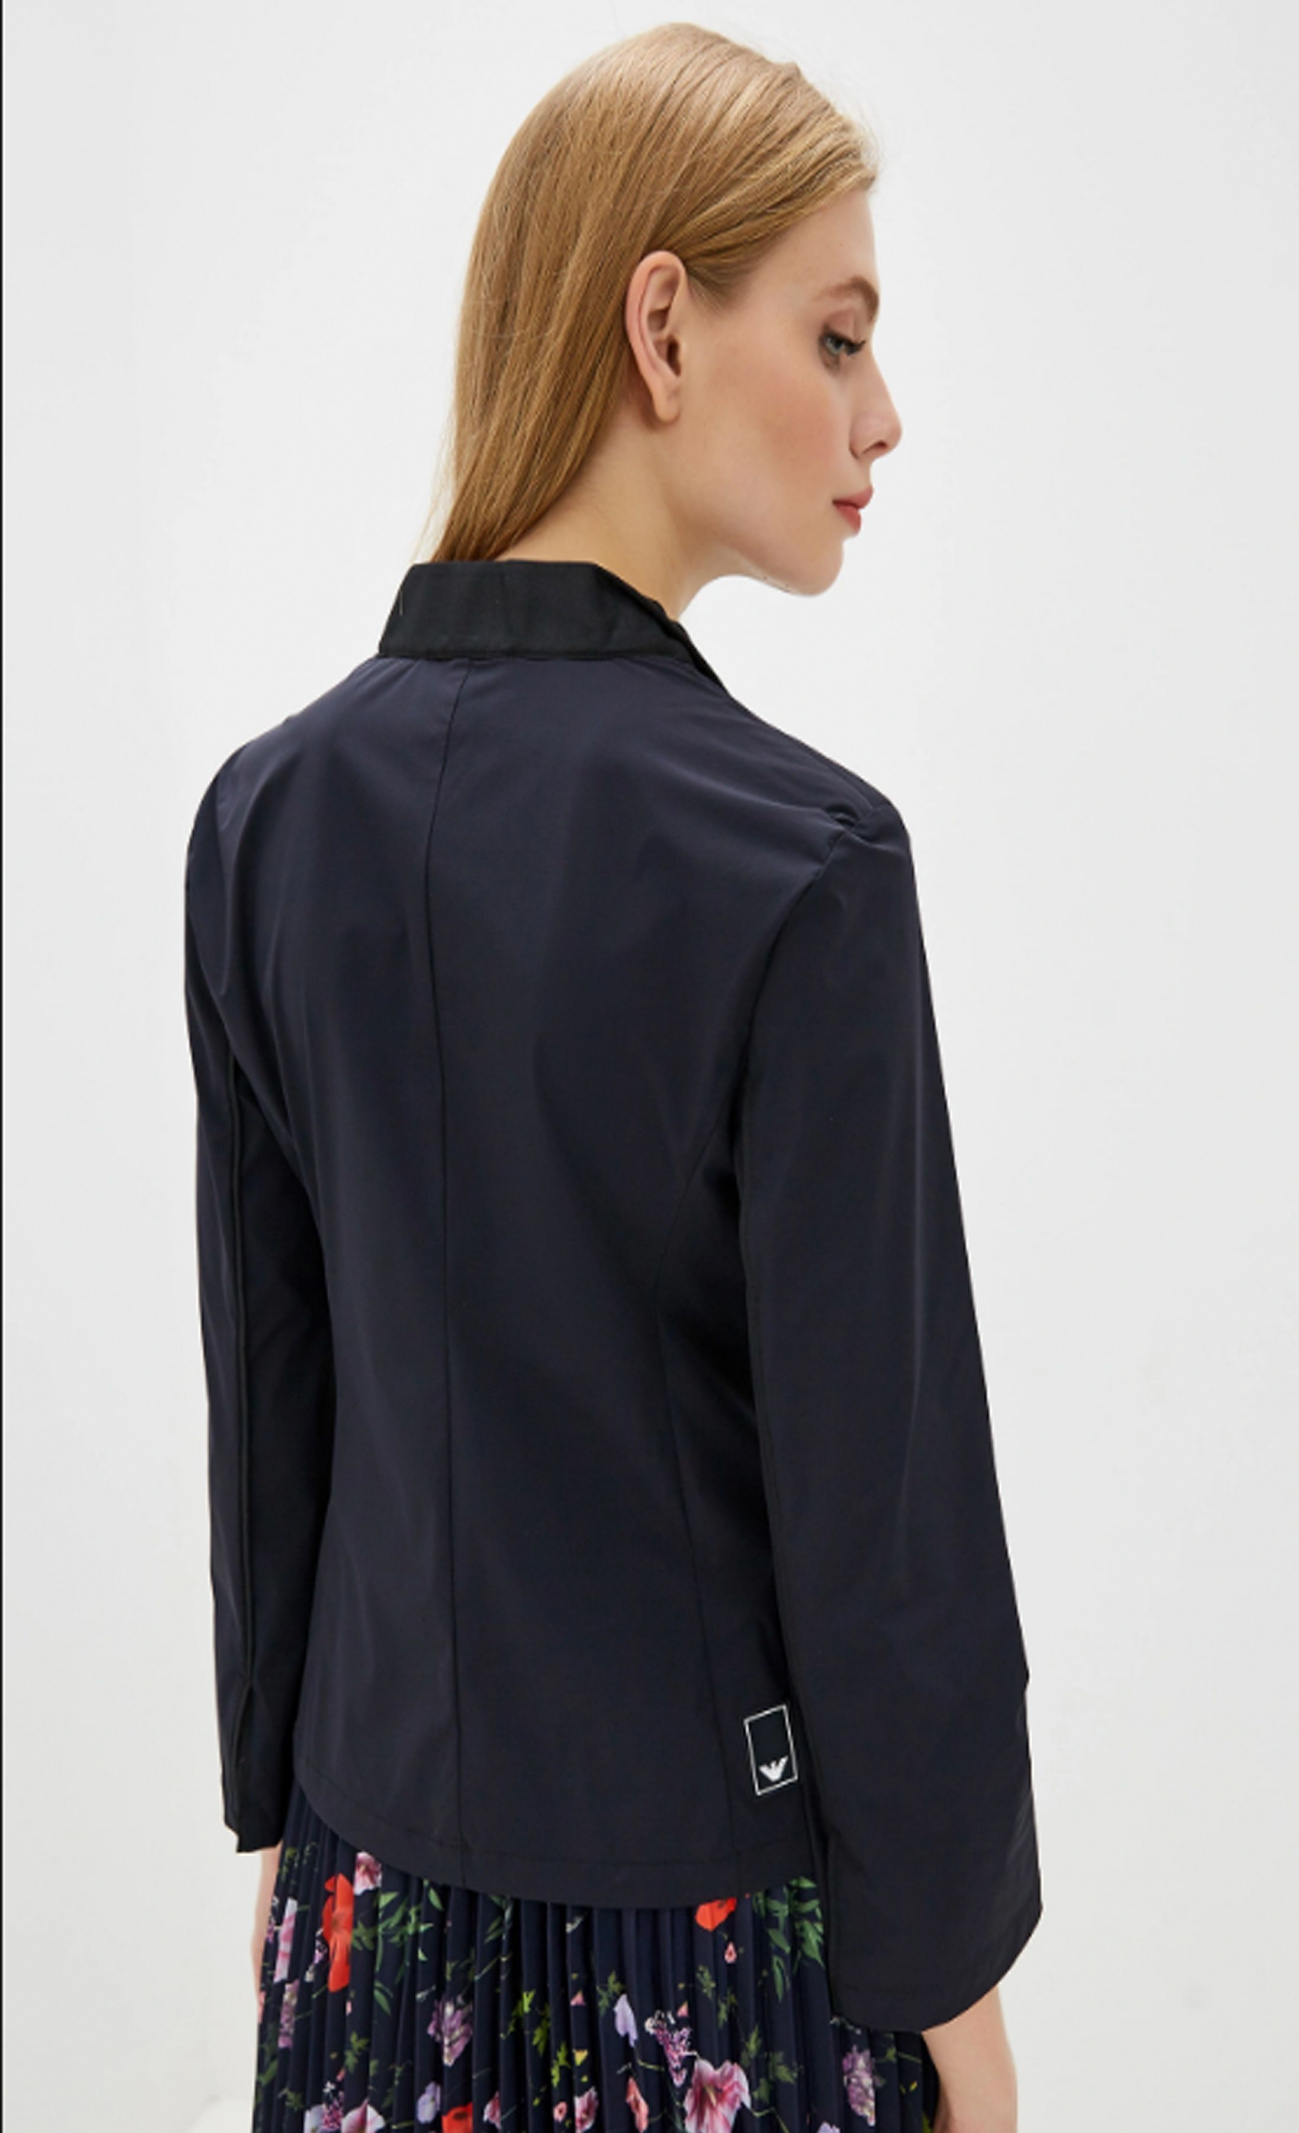 Пиджак женские Emporio Armani модель 5P735 отзывы, 2017